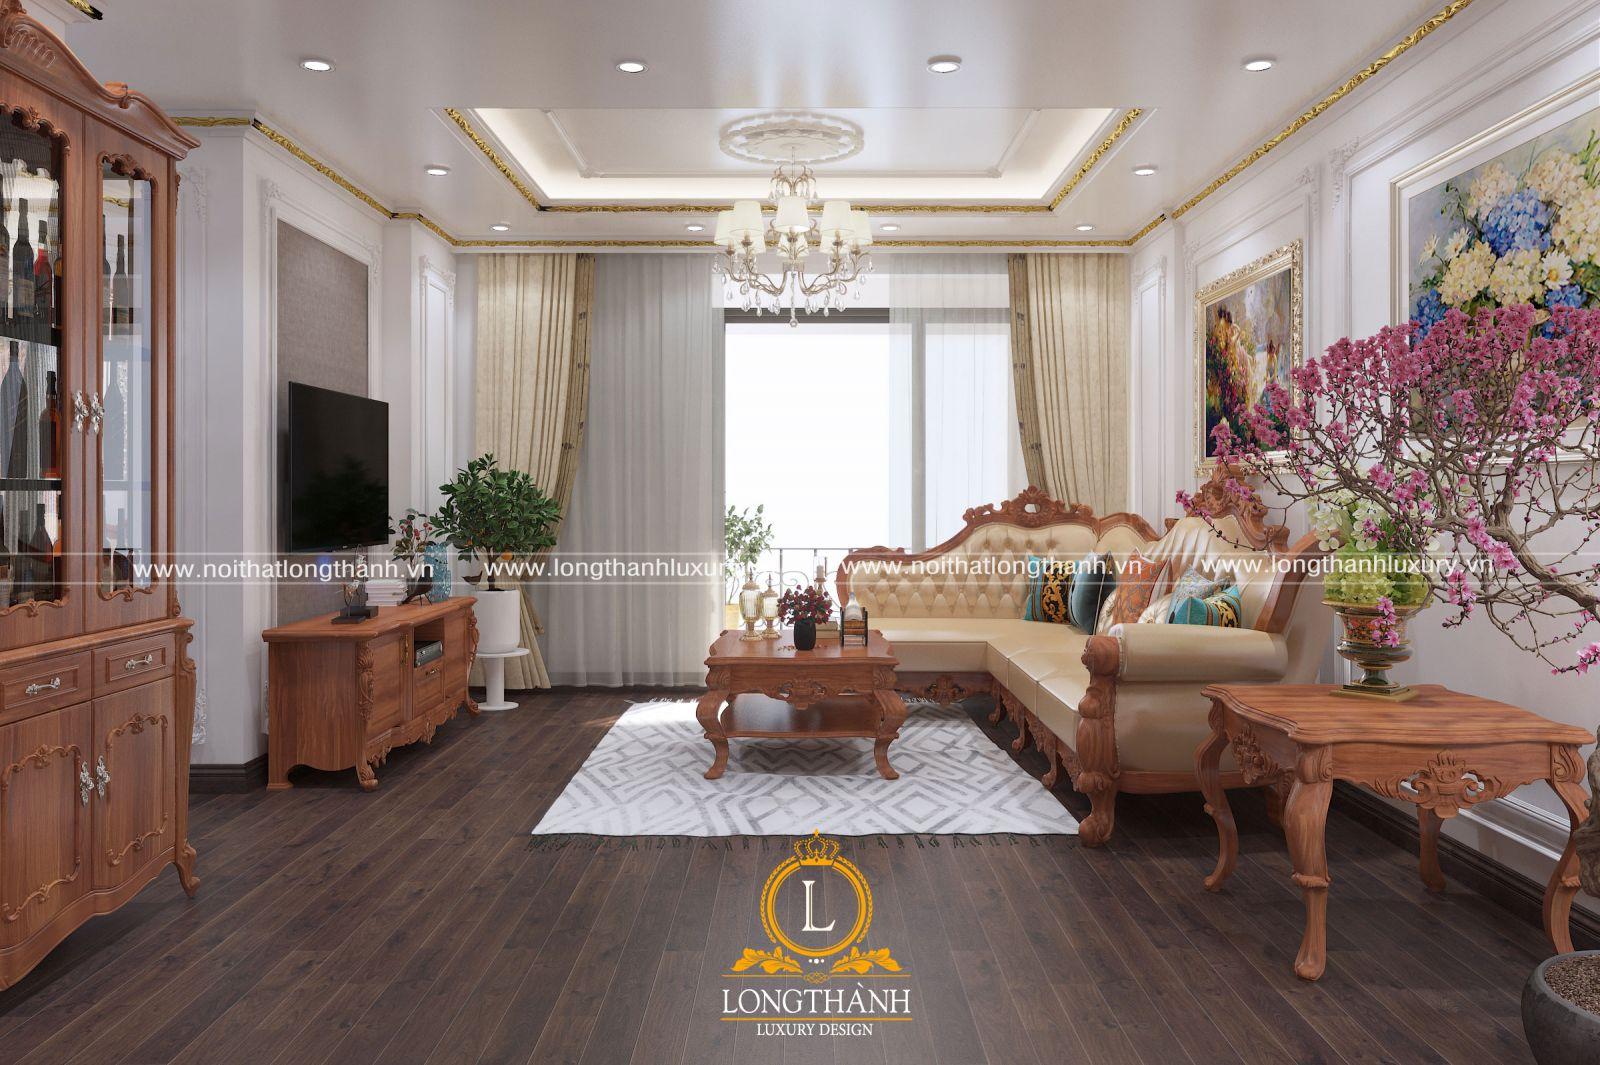 Mẫu sofa gỗ chữ L đáng sở hữu cho phòng khách chung cư